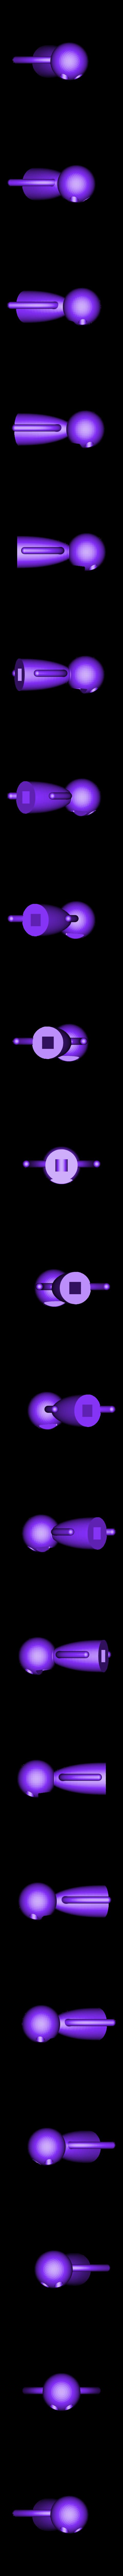 Function_Stickman_y-x²_top.stl Télécharger fichier STL gratuit Dancing Function Stickmen • Plan pour impression 3D, Chrisibub